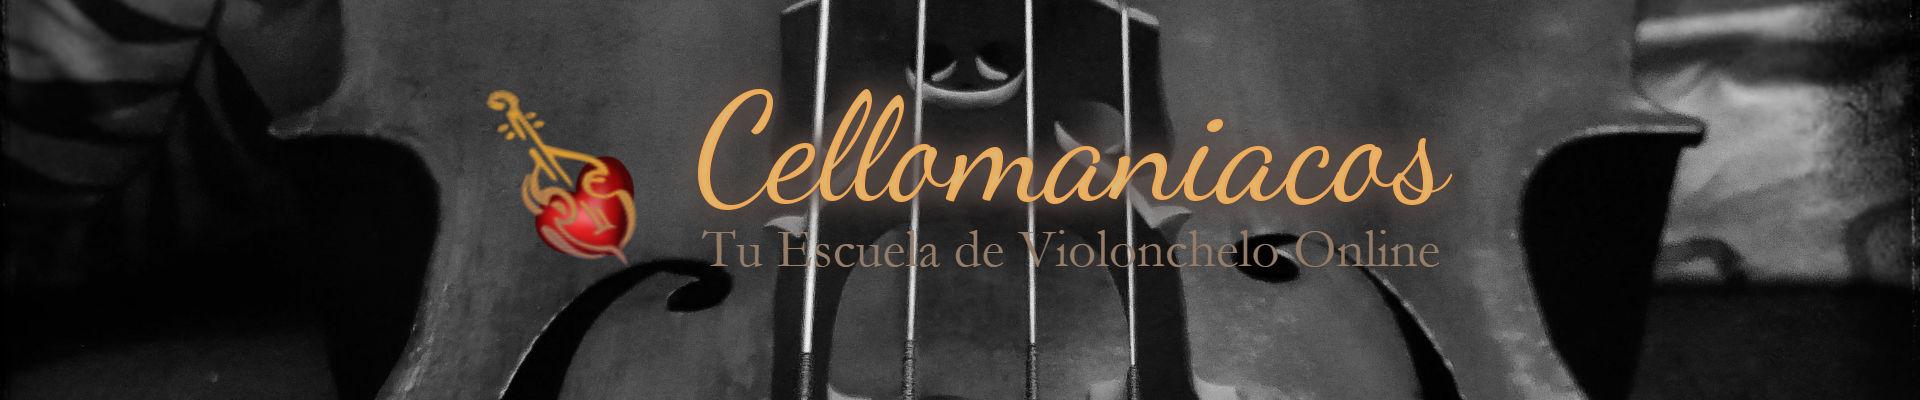 Cellomaniacos